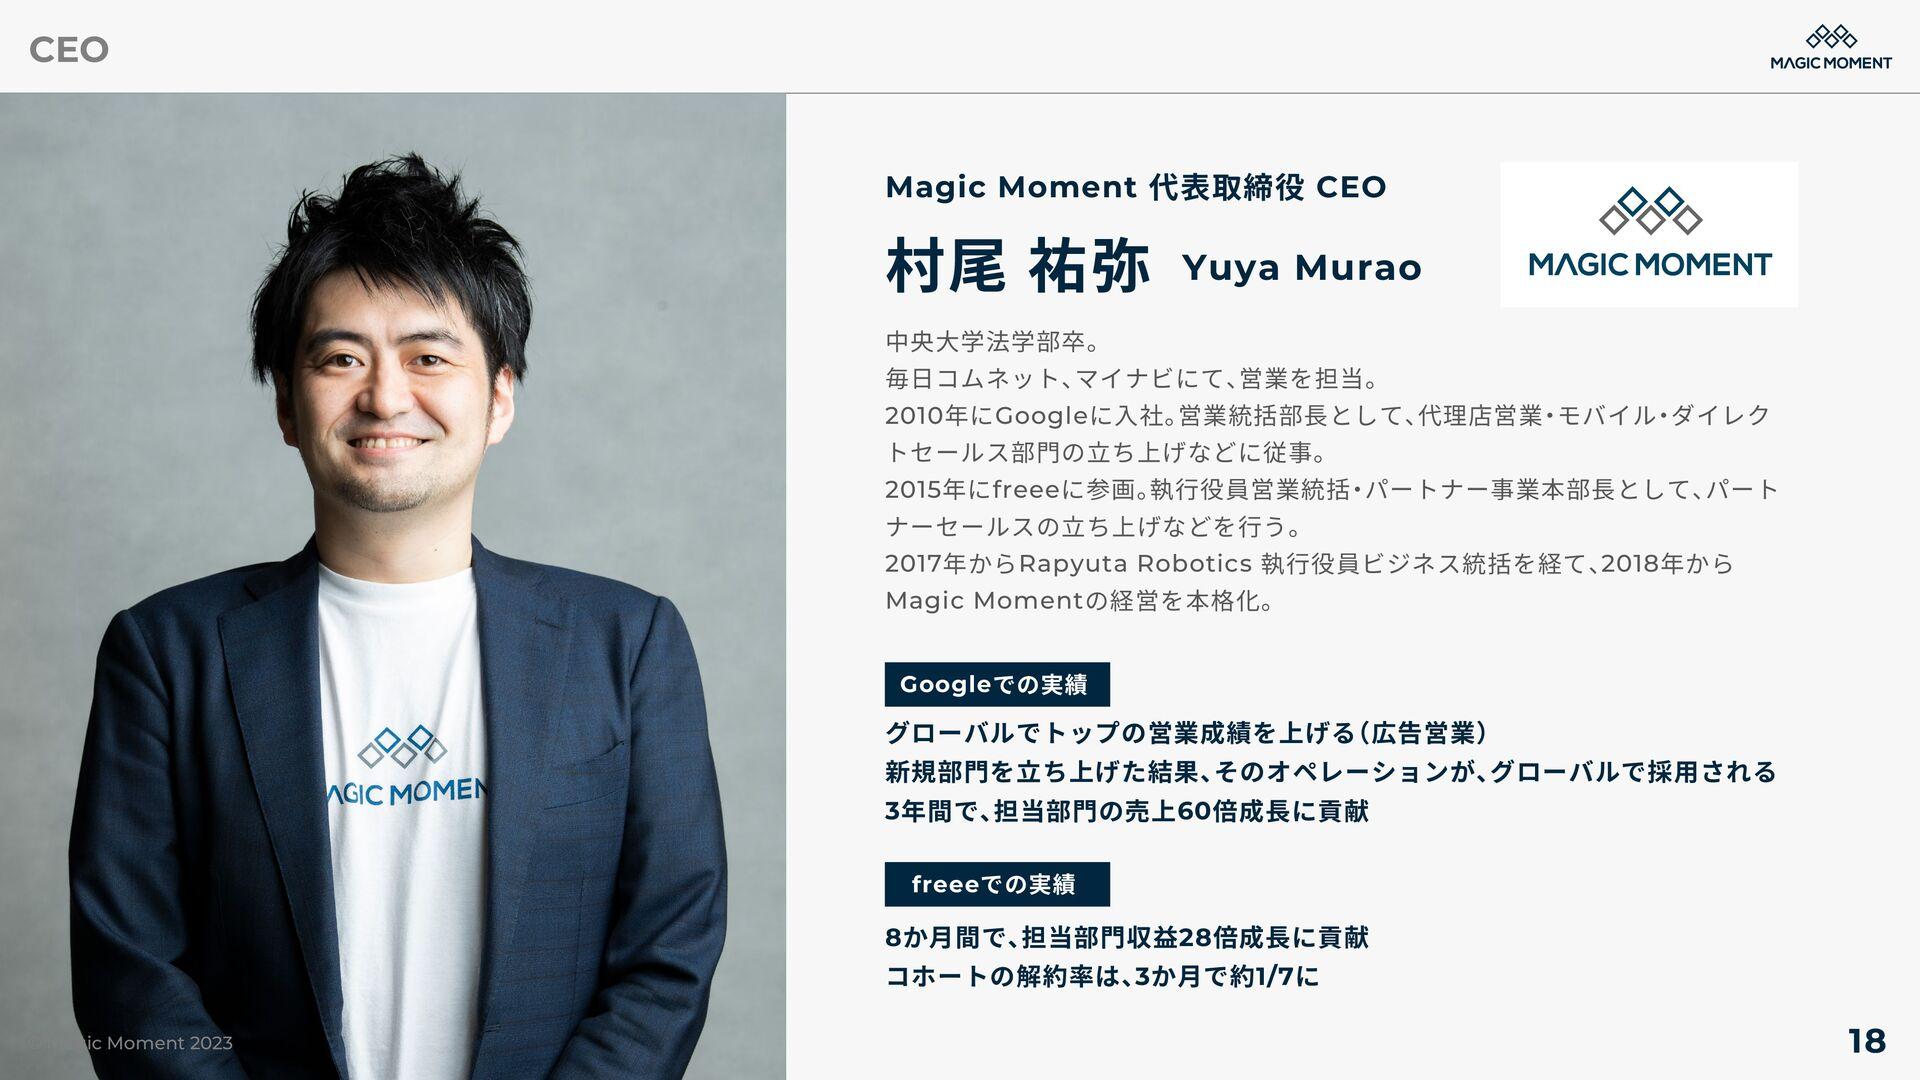 TEAM Magic Moment 代表取締役 CEO グローバルでトップの営業成績を上げる ...